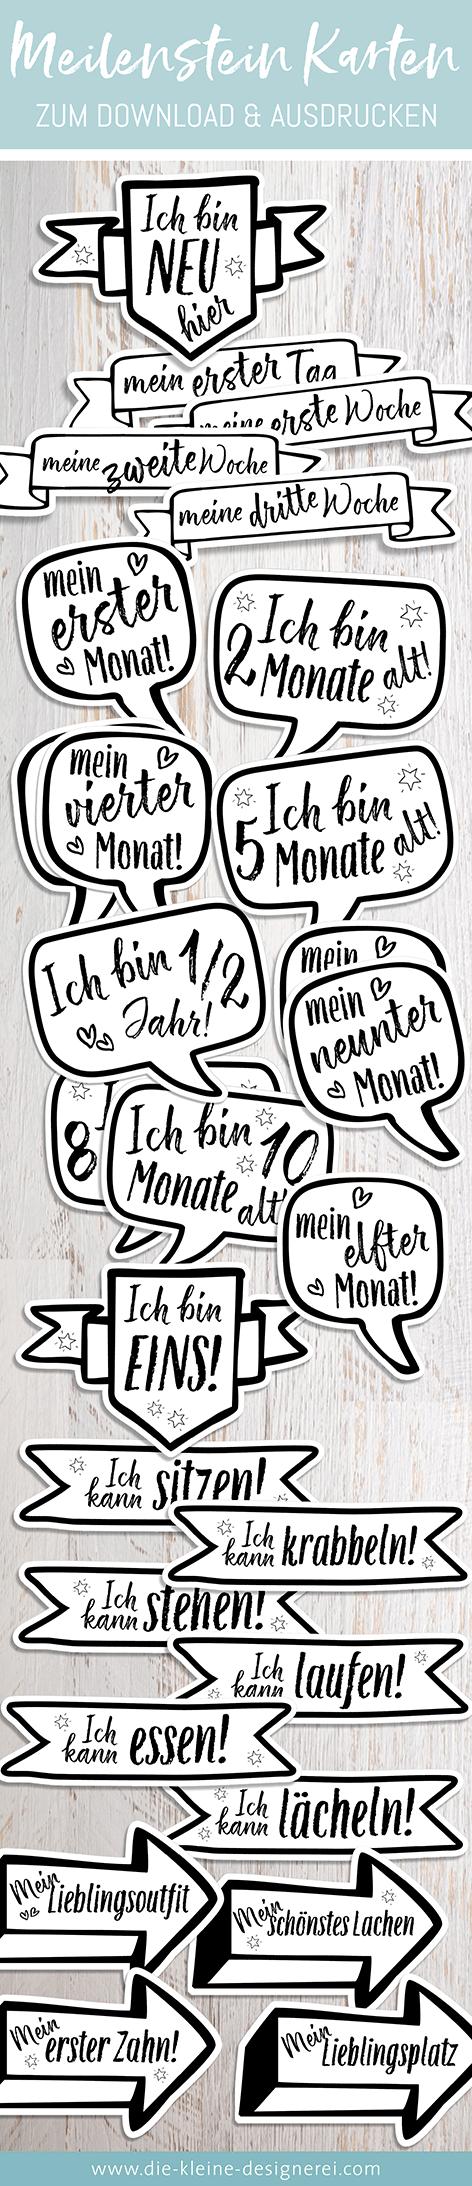 30 unterschiedliche Meilensteinkarten in Banner-, Pfeil- und Sprechblasenform für Baby's erstes Jahr, einfach herunterladen und ausdrucken. www.die-kleine-designerei.com